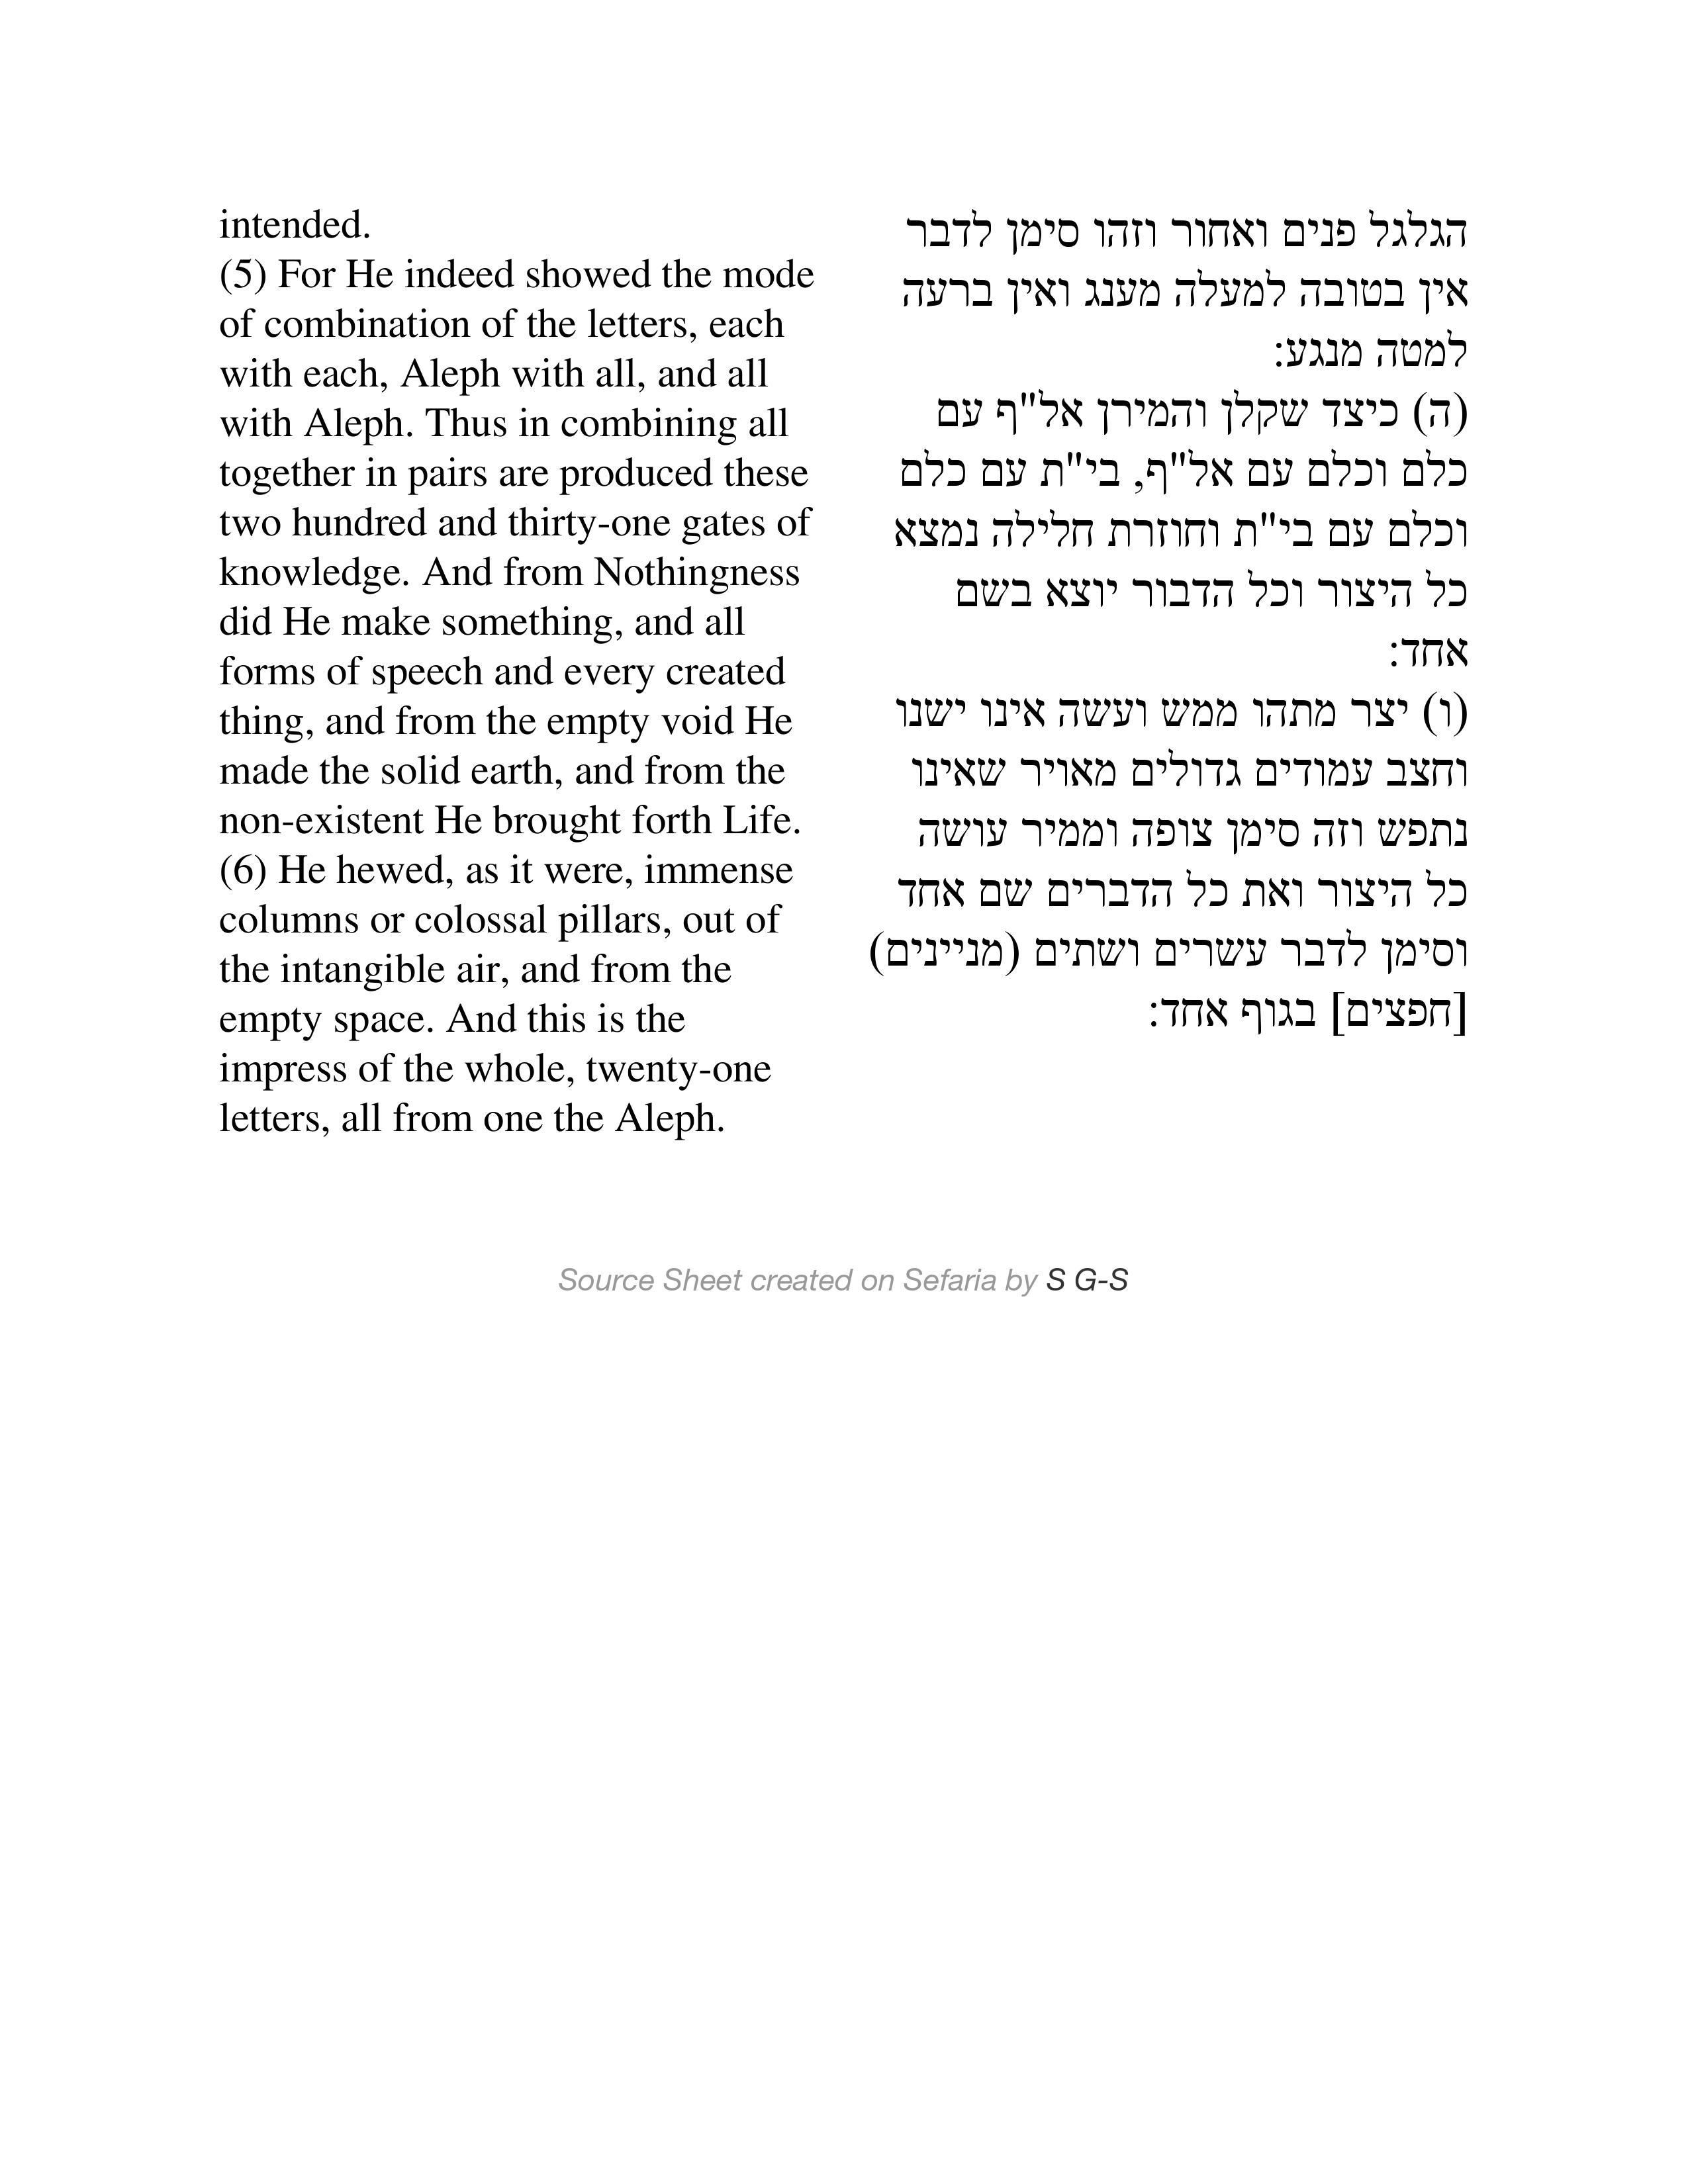 Sefer Yetzirah 2